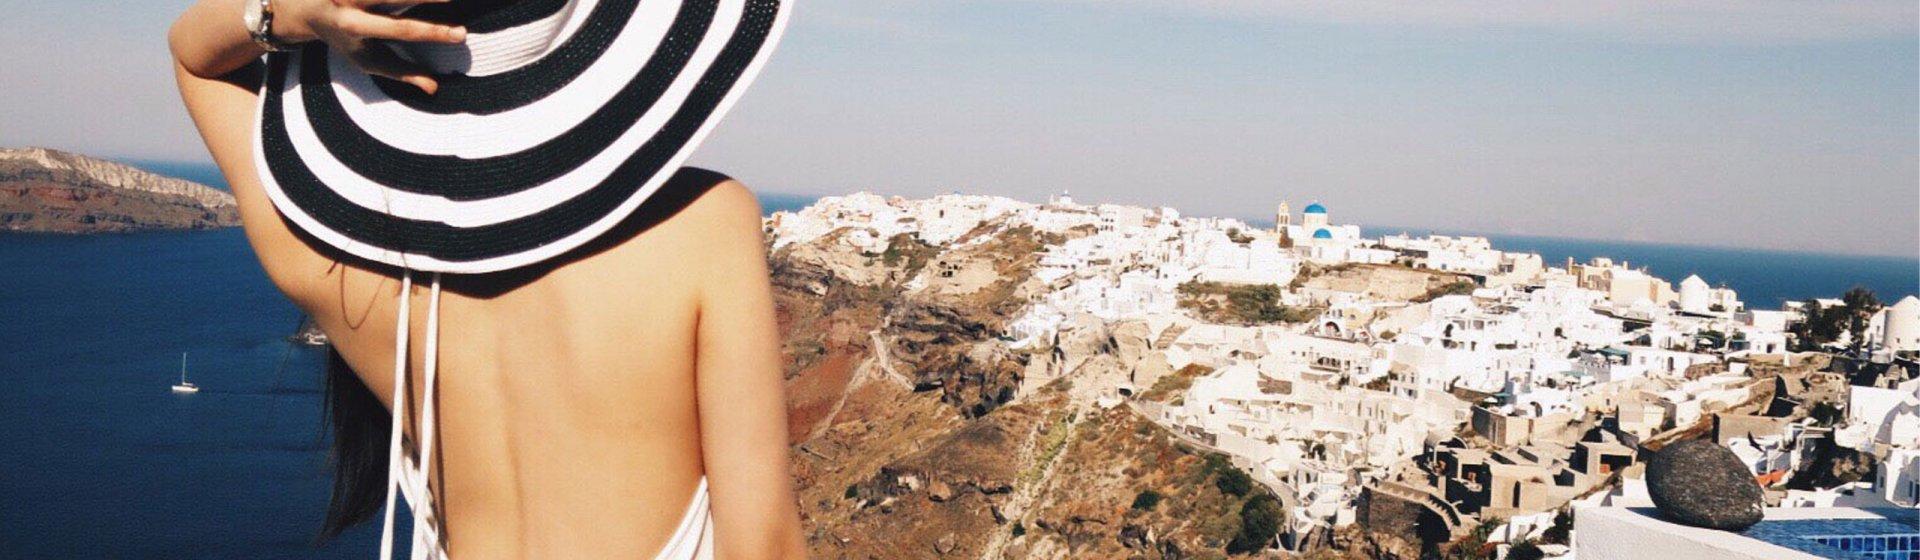 Frau mit rückenfreiem Kleid auf griechischer Insel